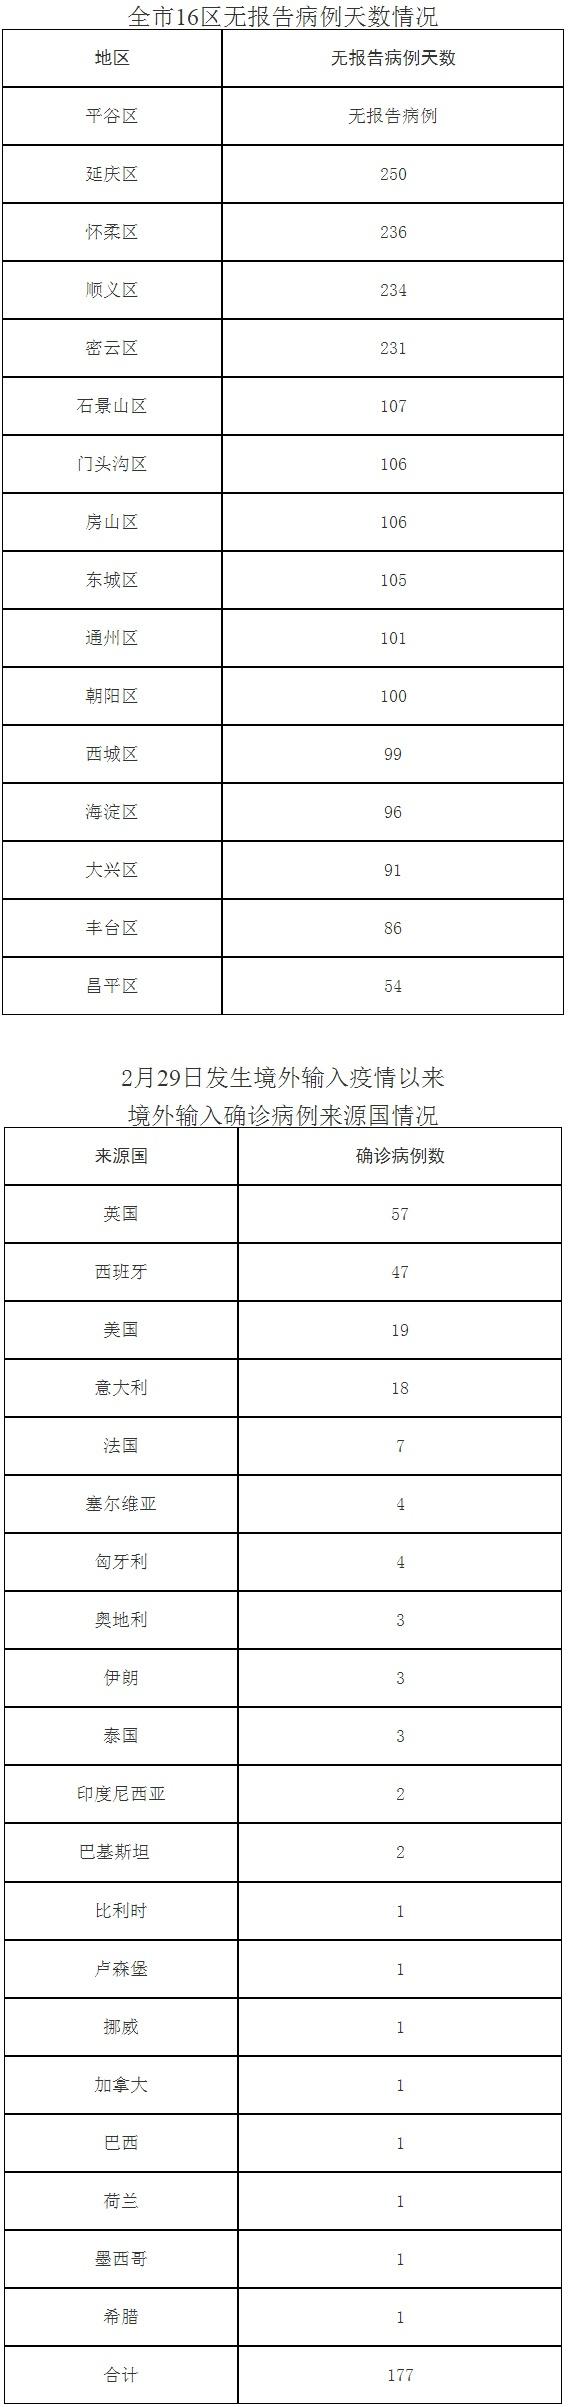 北京9月29日无新增报告新冠肺炎确诊病例图片